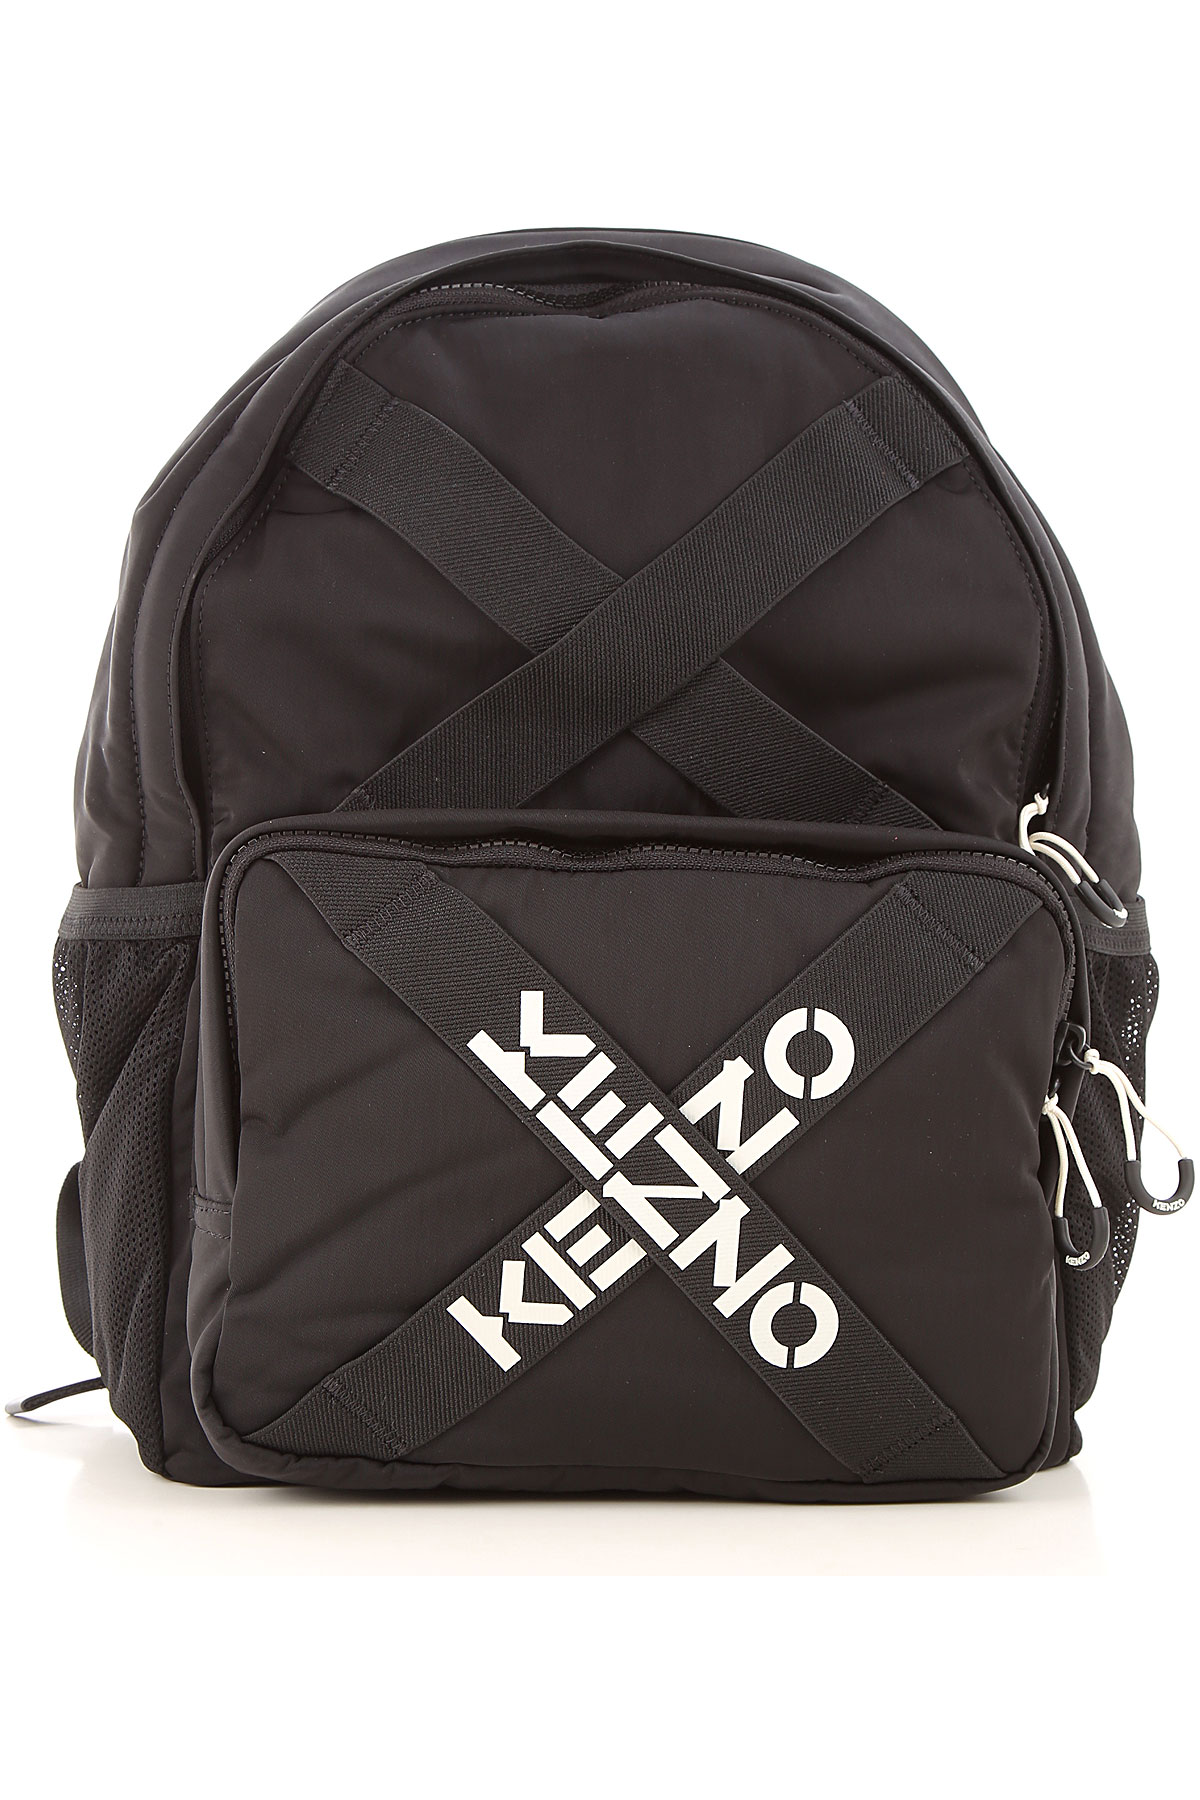 Kenzo Backpack for Men, Black, polyester, 2019